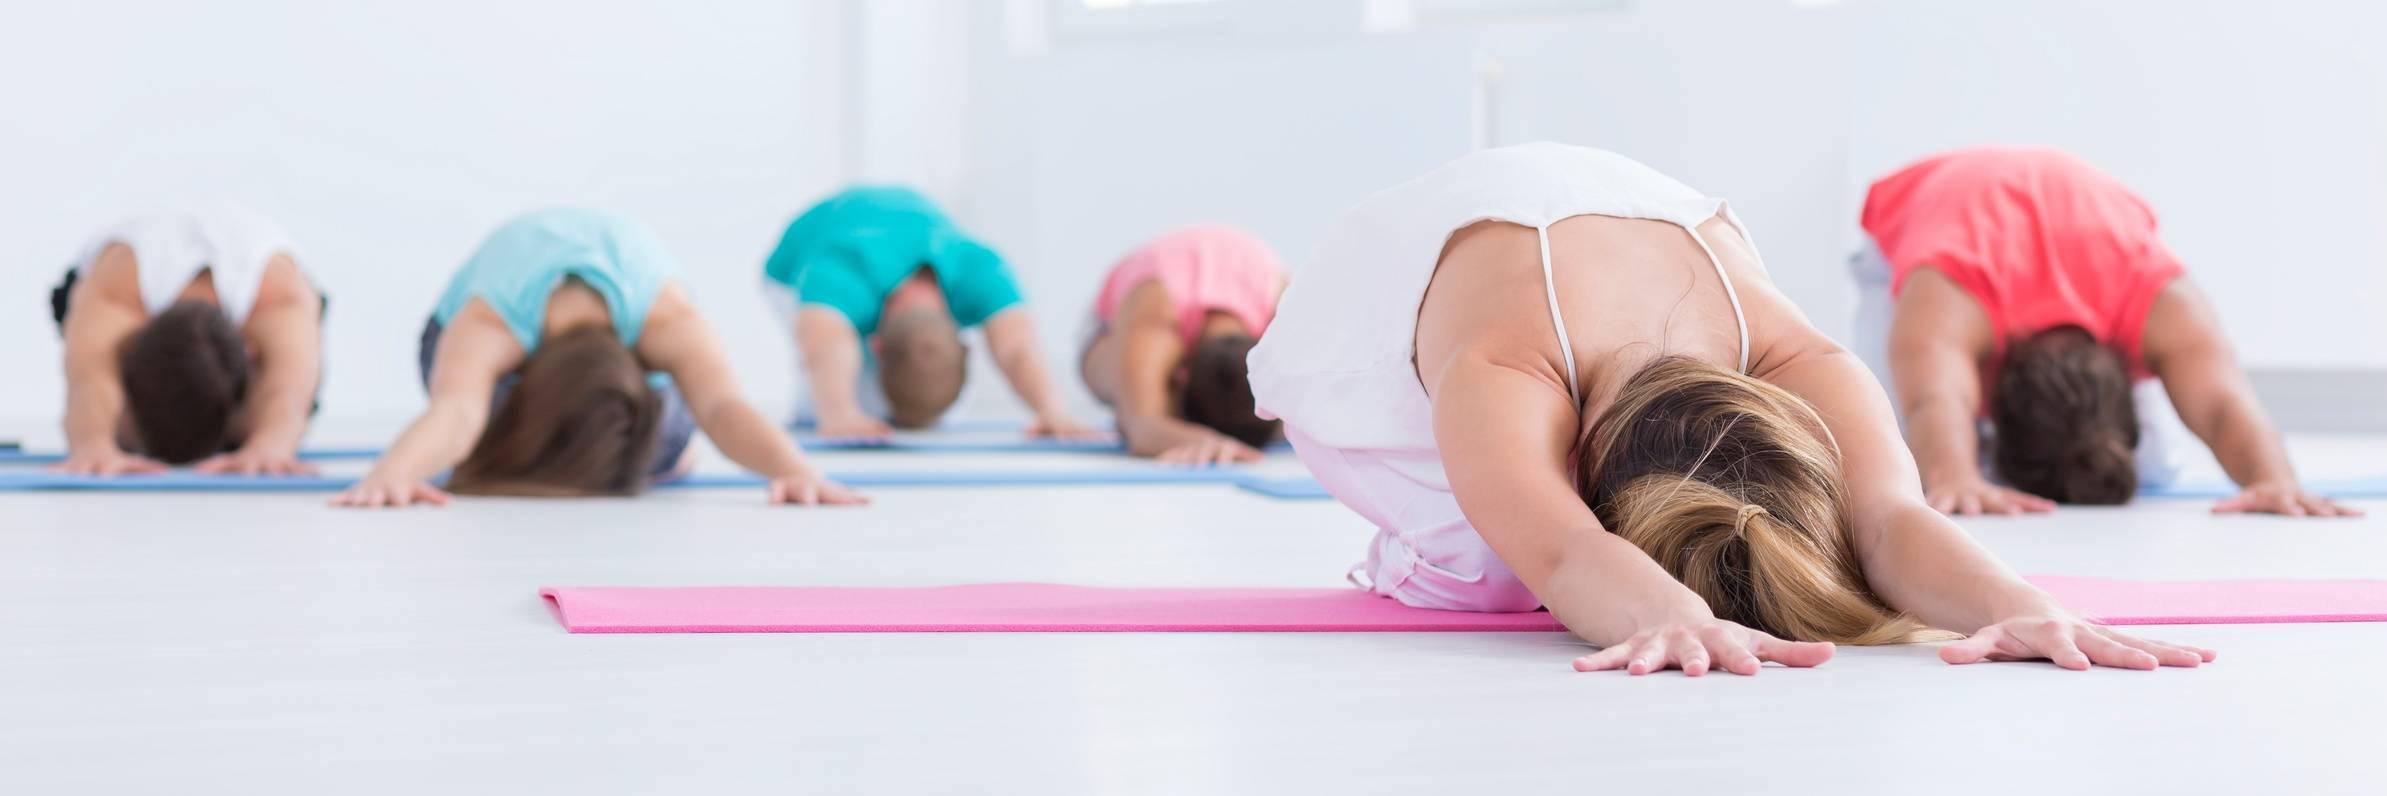 Stretching po zajęciach - czy rozciąganie po treningu jest aż tak ważne?